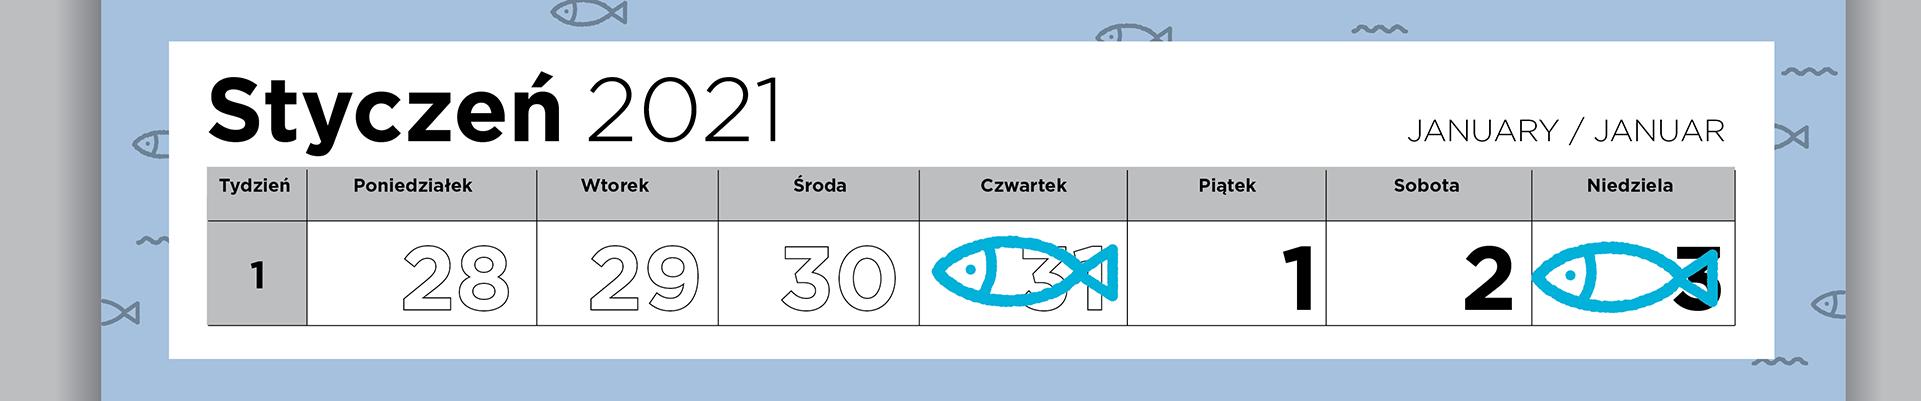 Co dobrego w rybach?